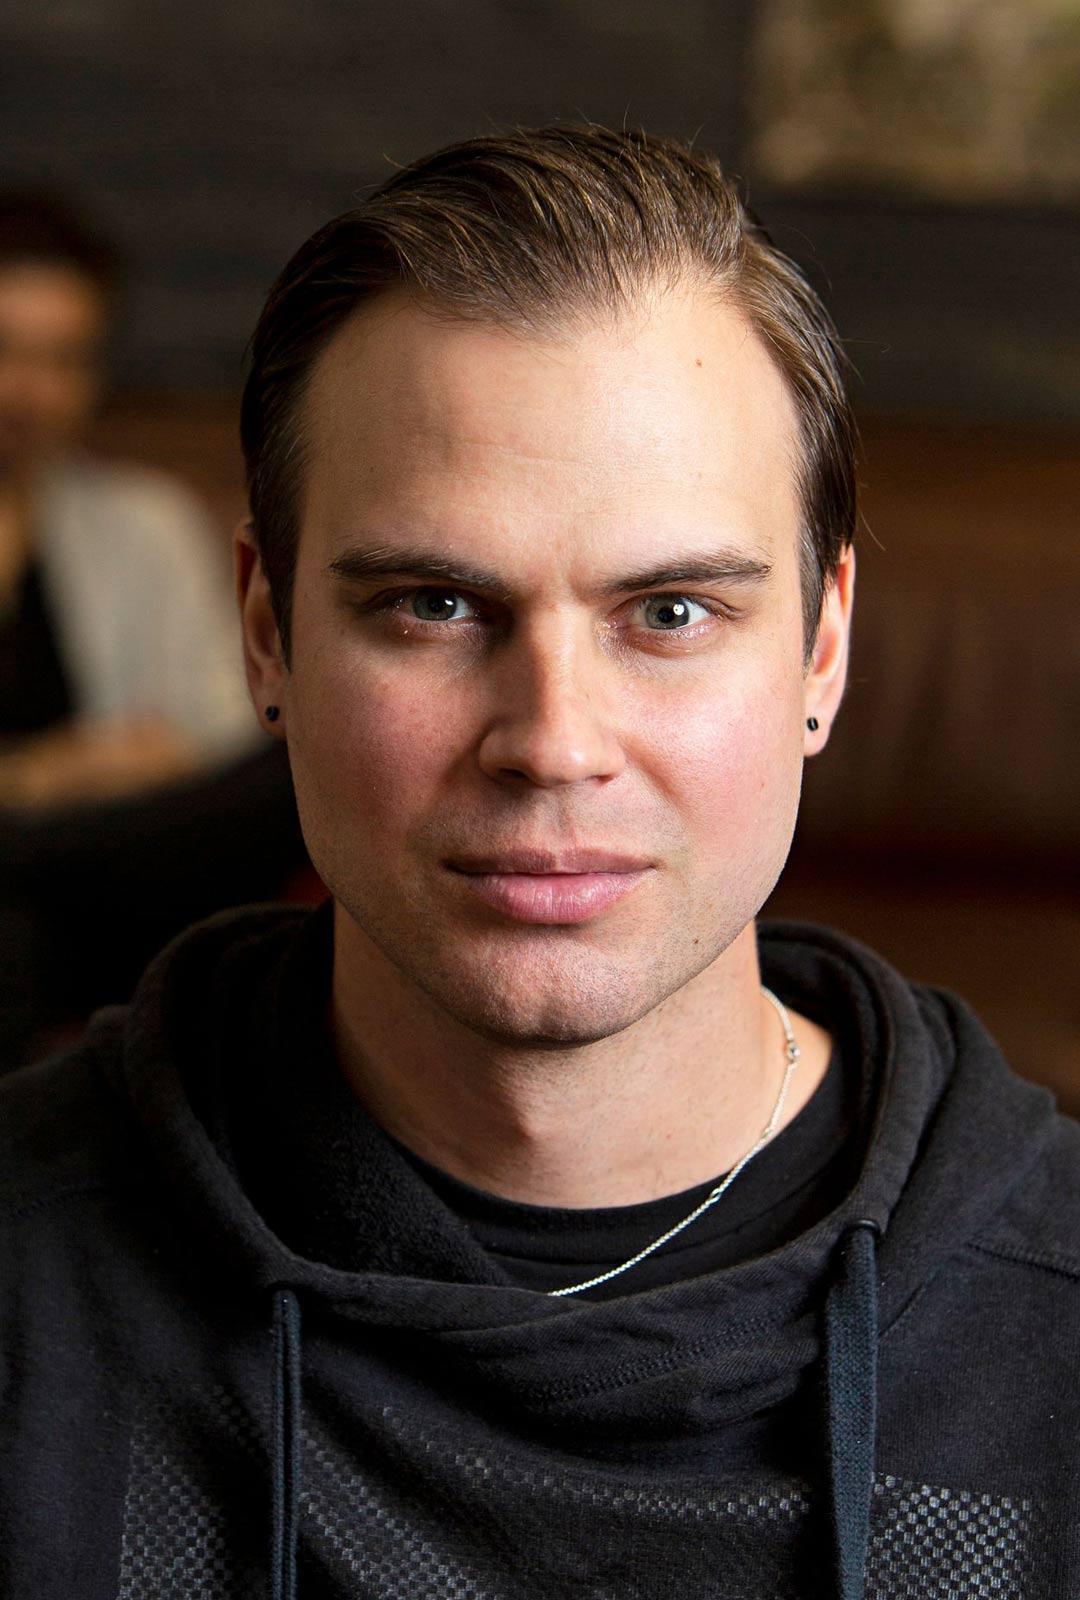 Joni, 36, Jimistä:Kiltti, fiksu ja helppo.